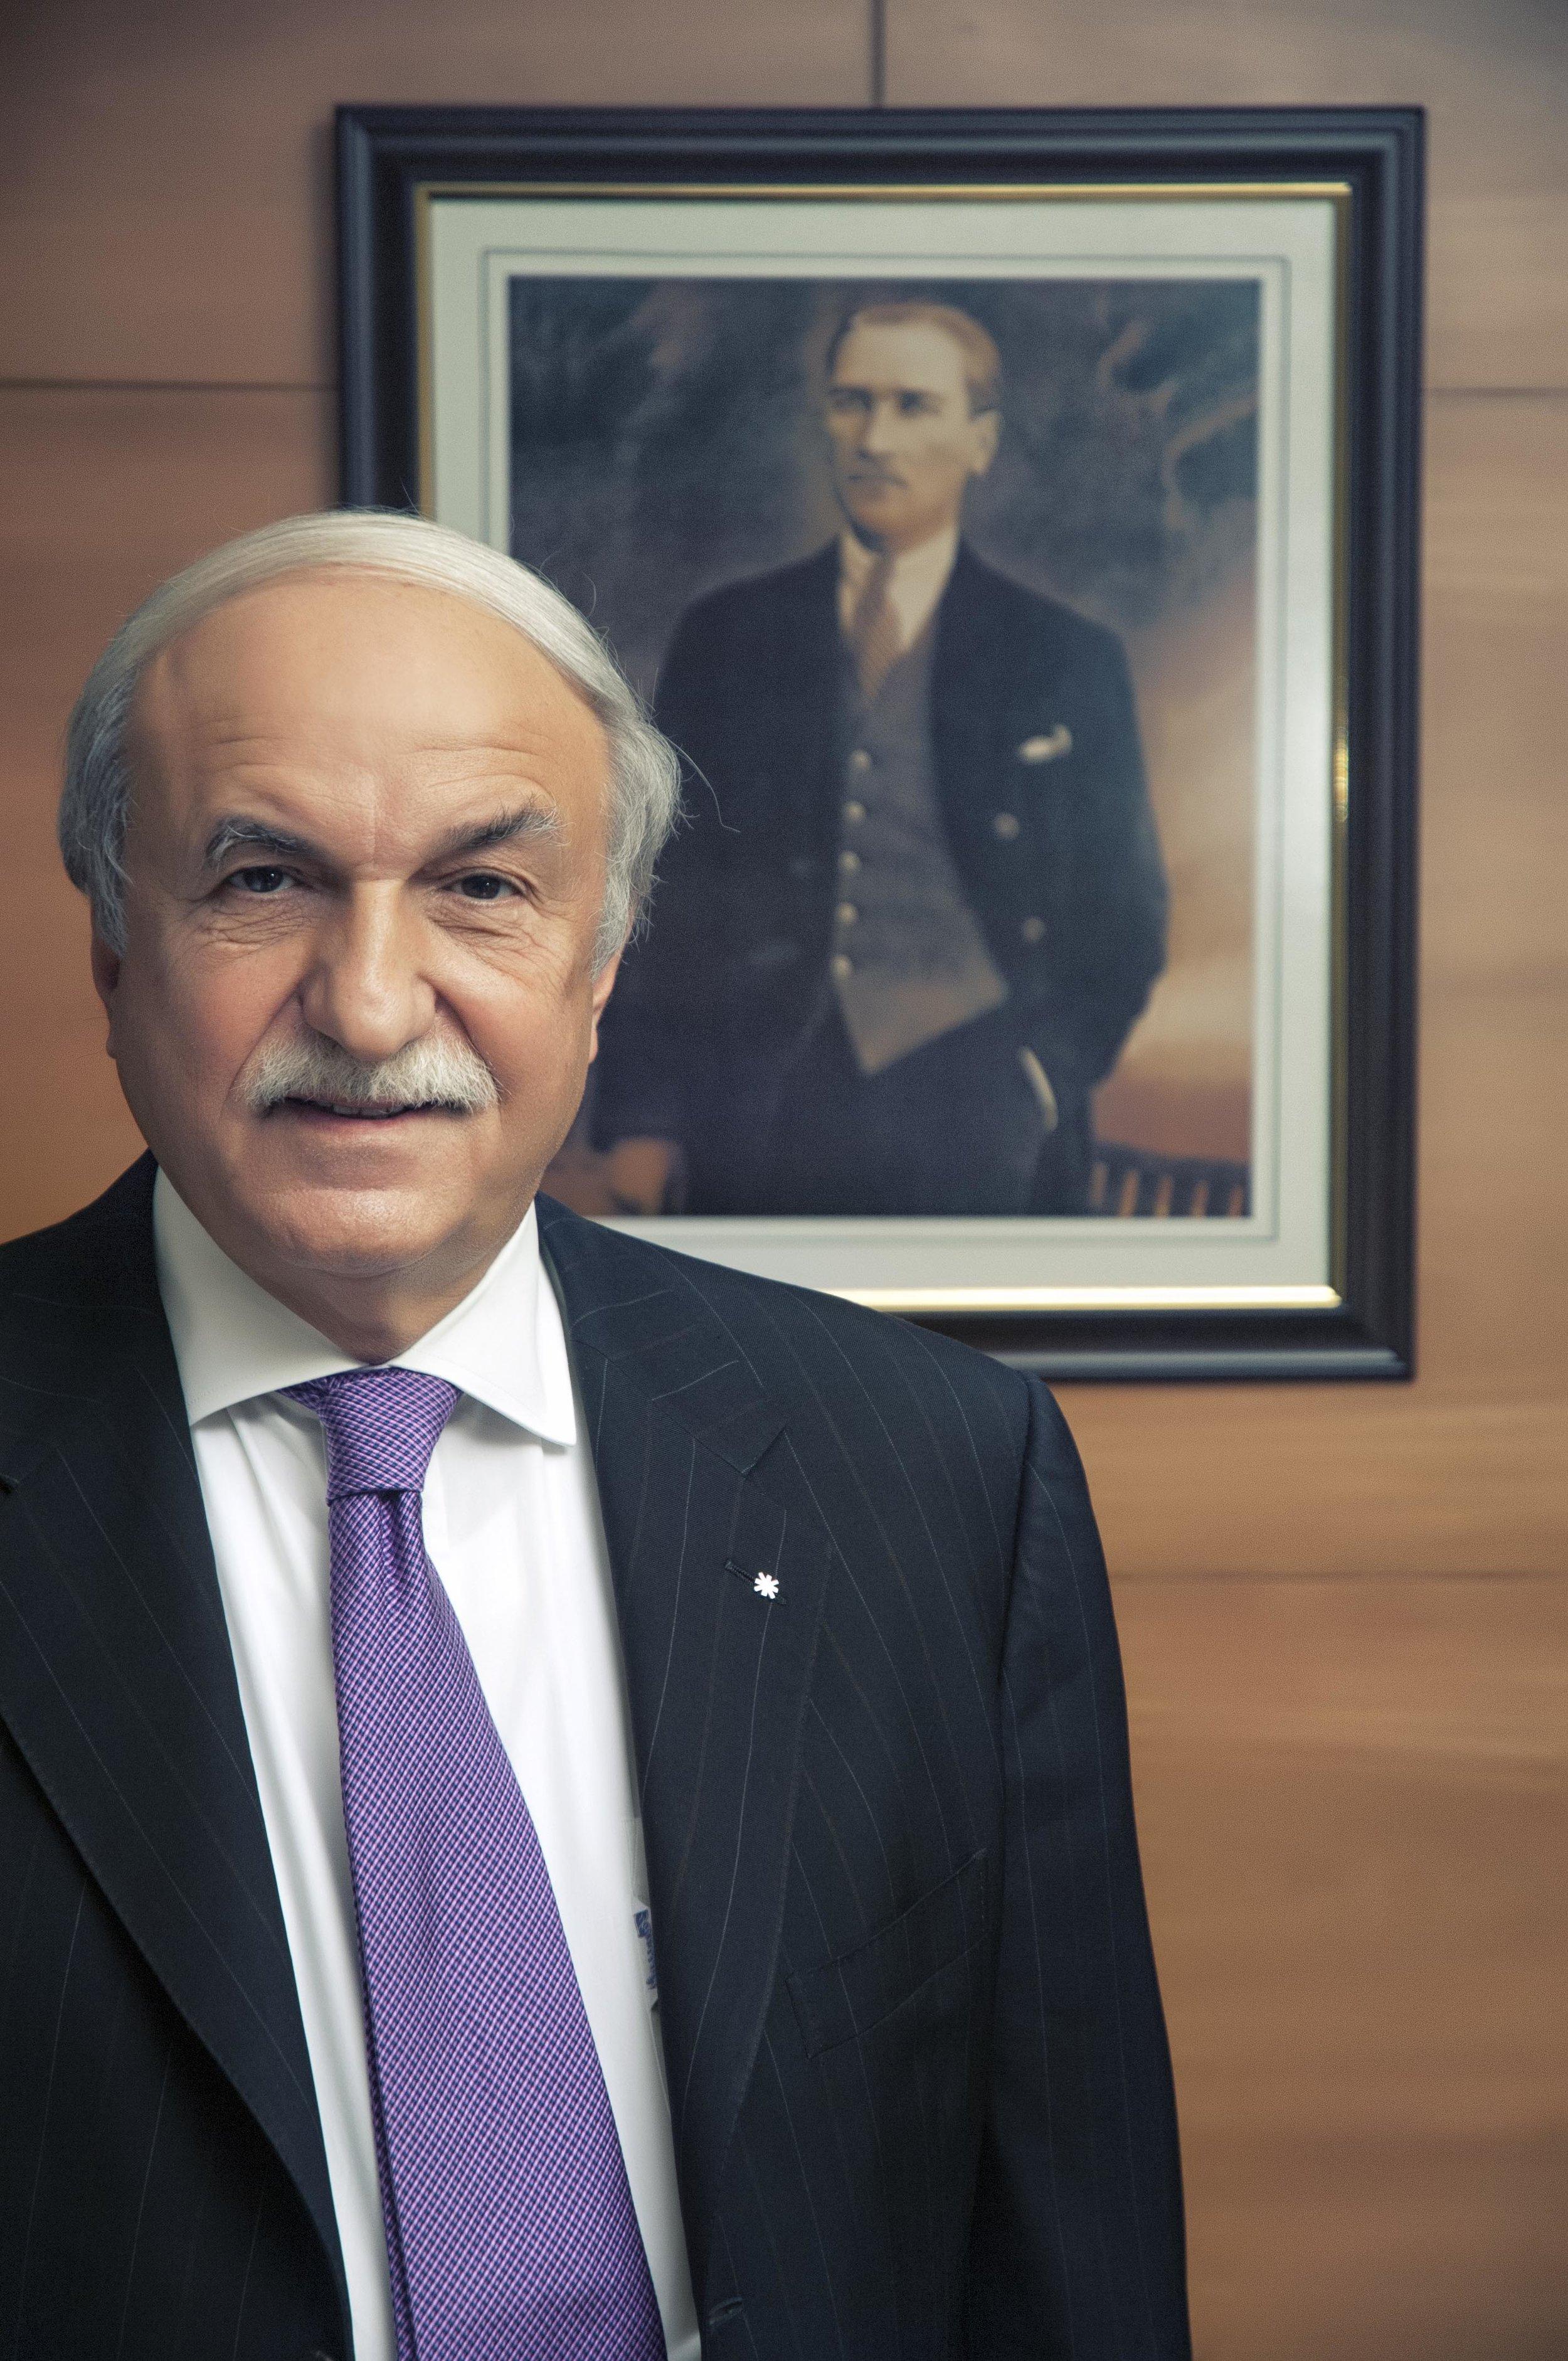 Husnu_Ozyegin_Finansbank_Ust_Yonetim_.jpg